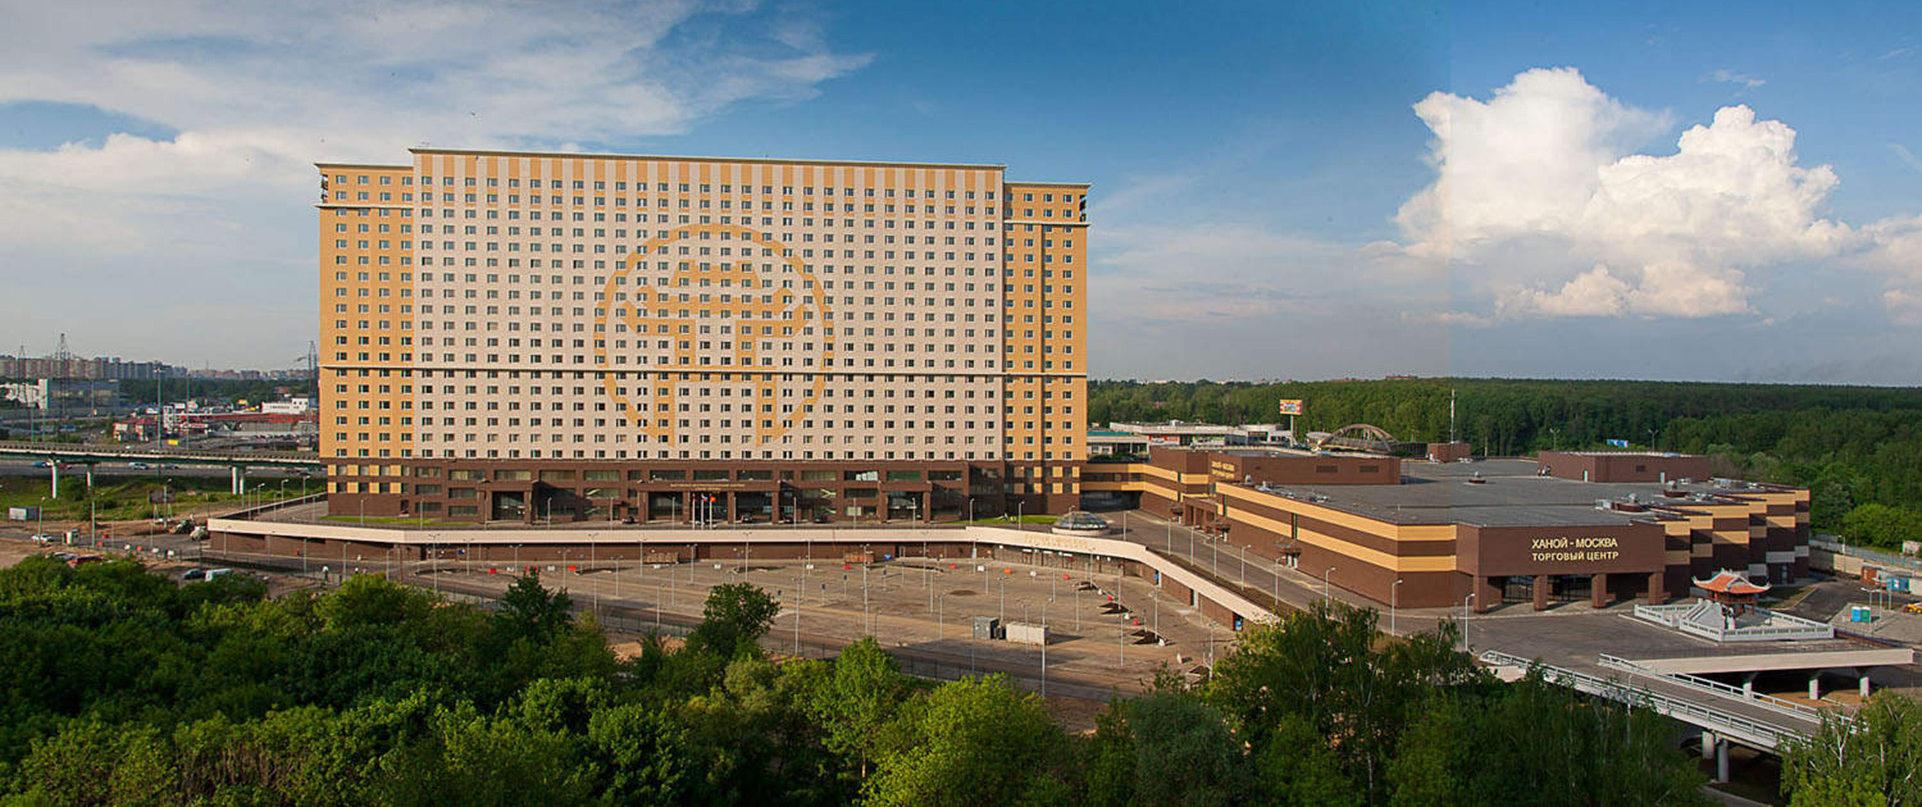 деловой центр «Ханой-Москва»